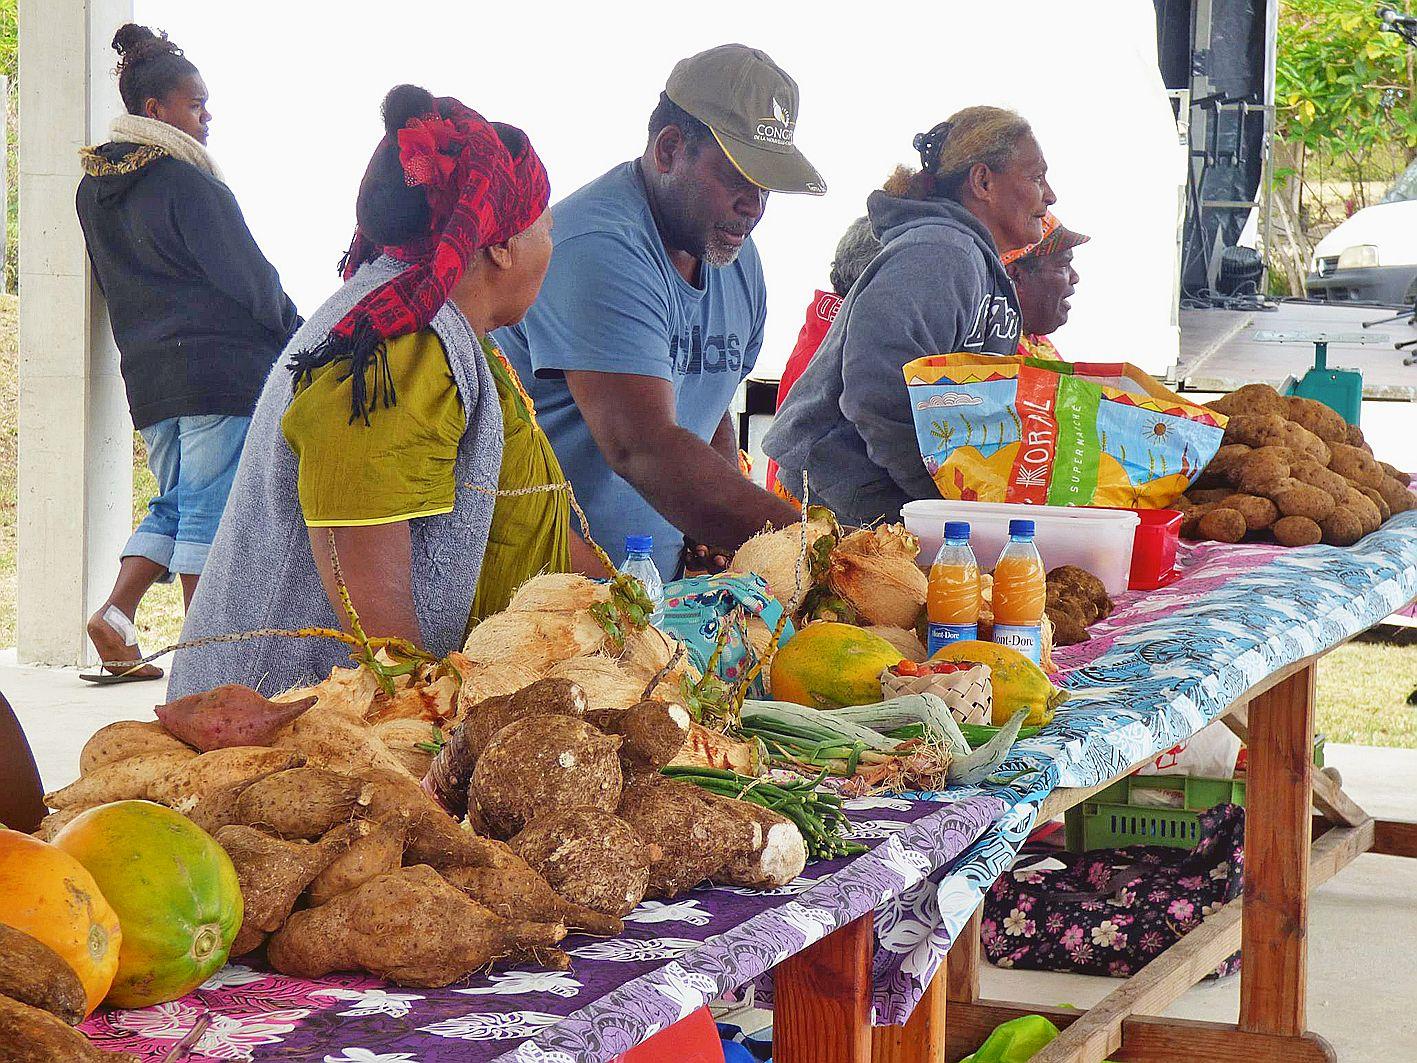 Les visiteurs ont pu faire leur marché de produits frais et naturels, se restaurer dans les nombreux stands ou participer aux randonnées pédestres sur le parcours des sites légendaires, sur les falaises de la tribu, à la grotte d'Inegoj jusqu'au lac d'eau